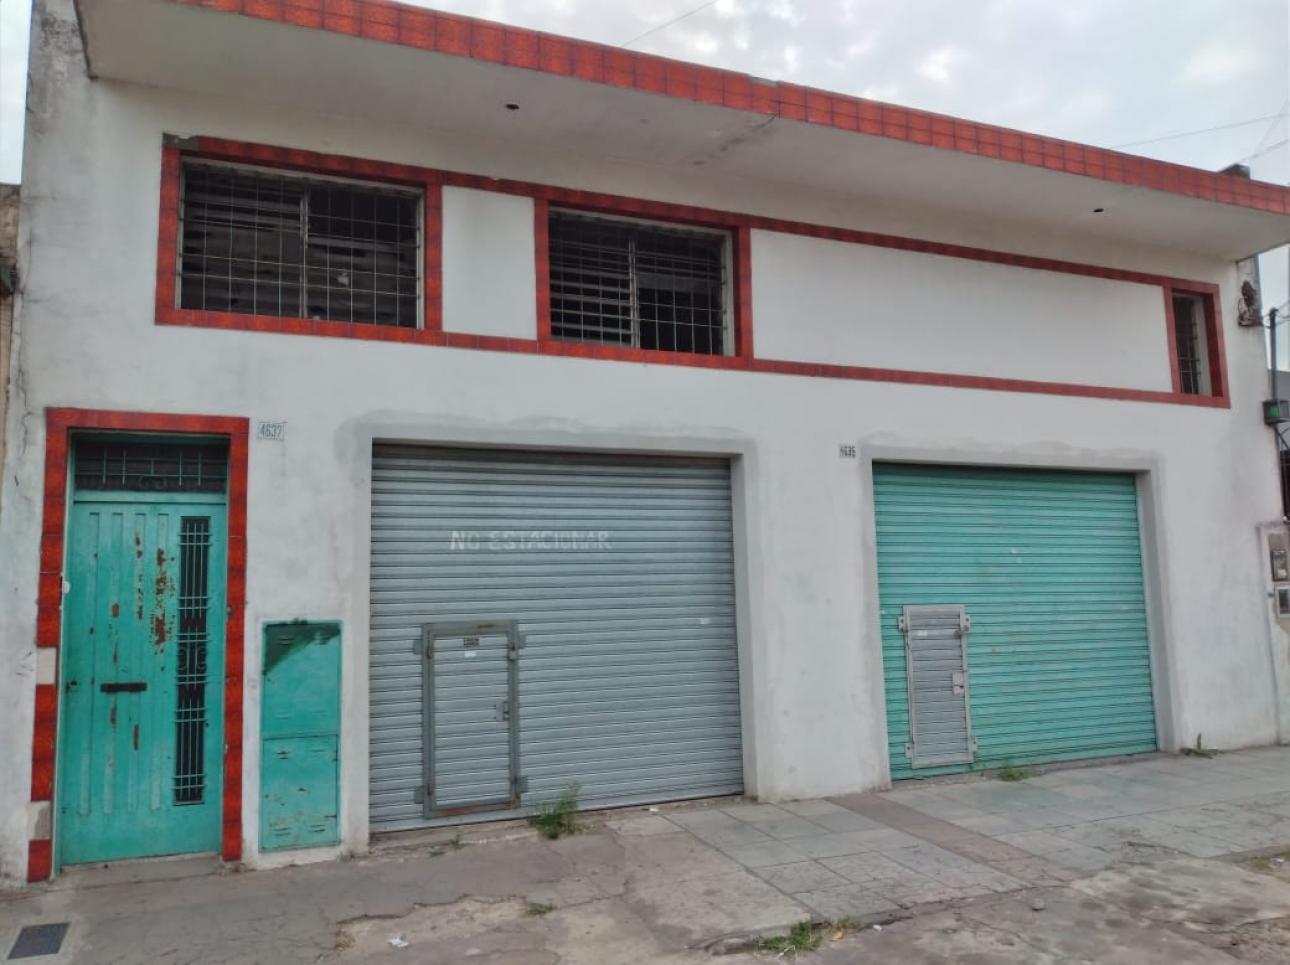 Venta de Loc. con vivienda Indistinto en General San Martín Billinghurst